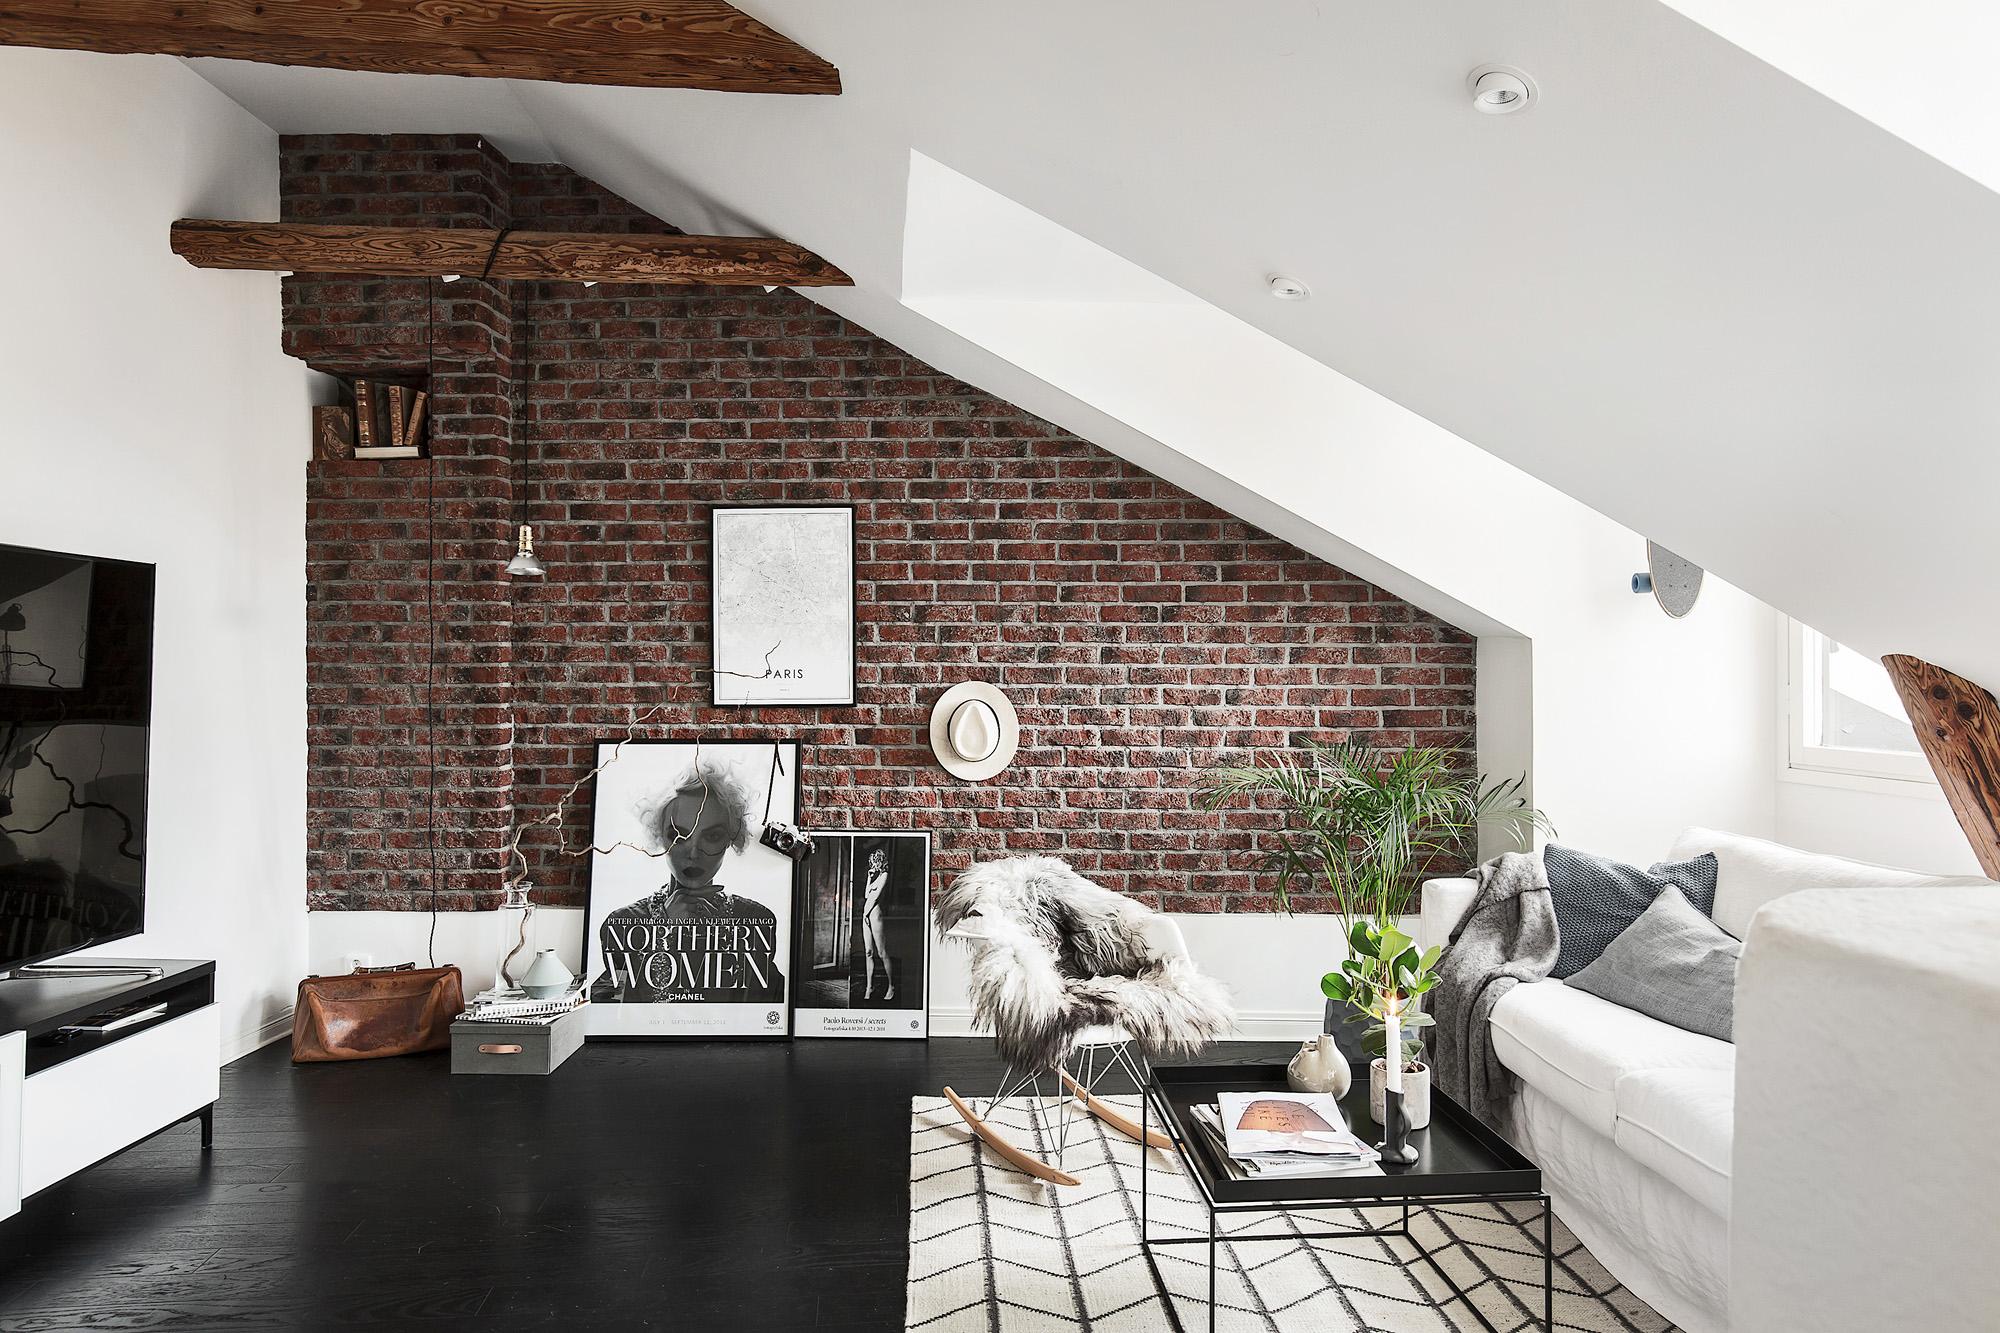 Binnenkijken in een appartement met bakstenen muur - Alles om van je ...